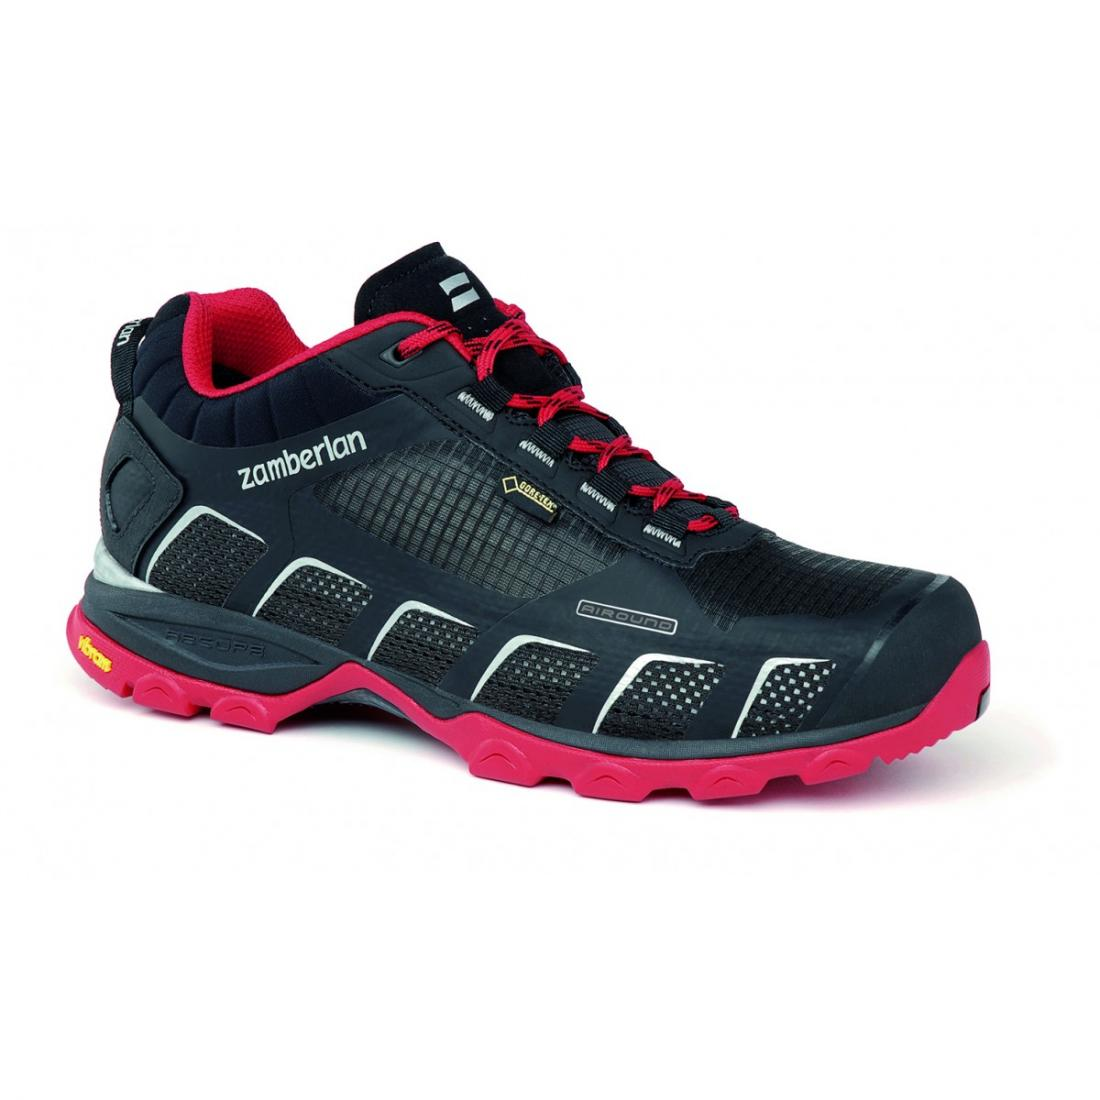 Кроссовки 132 AIR-ROUND GTX RRХайкинговые<br>Стильные ботинки средней высоты для легкого и уверенного движения по горным тропам. Комфортная посадка этих ботинок усовершенствована з...<br><br>Цвет: Черный<br>Размер: 44